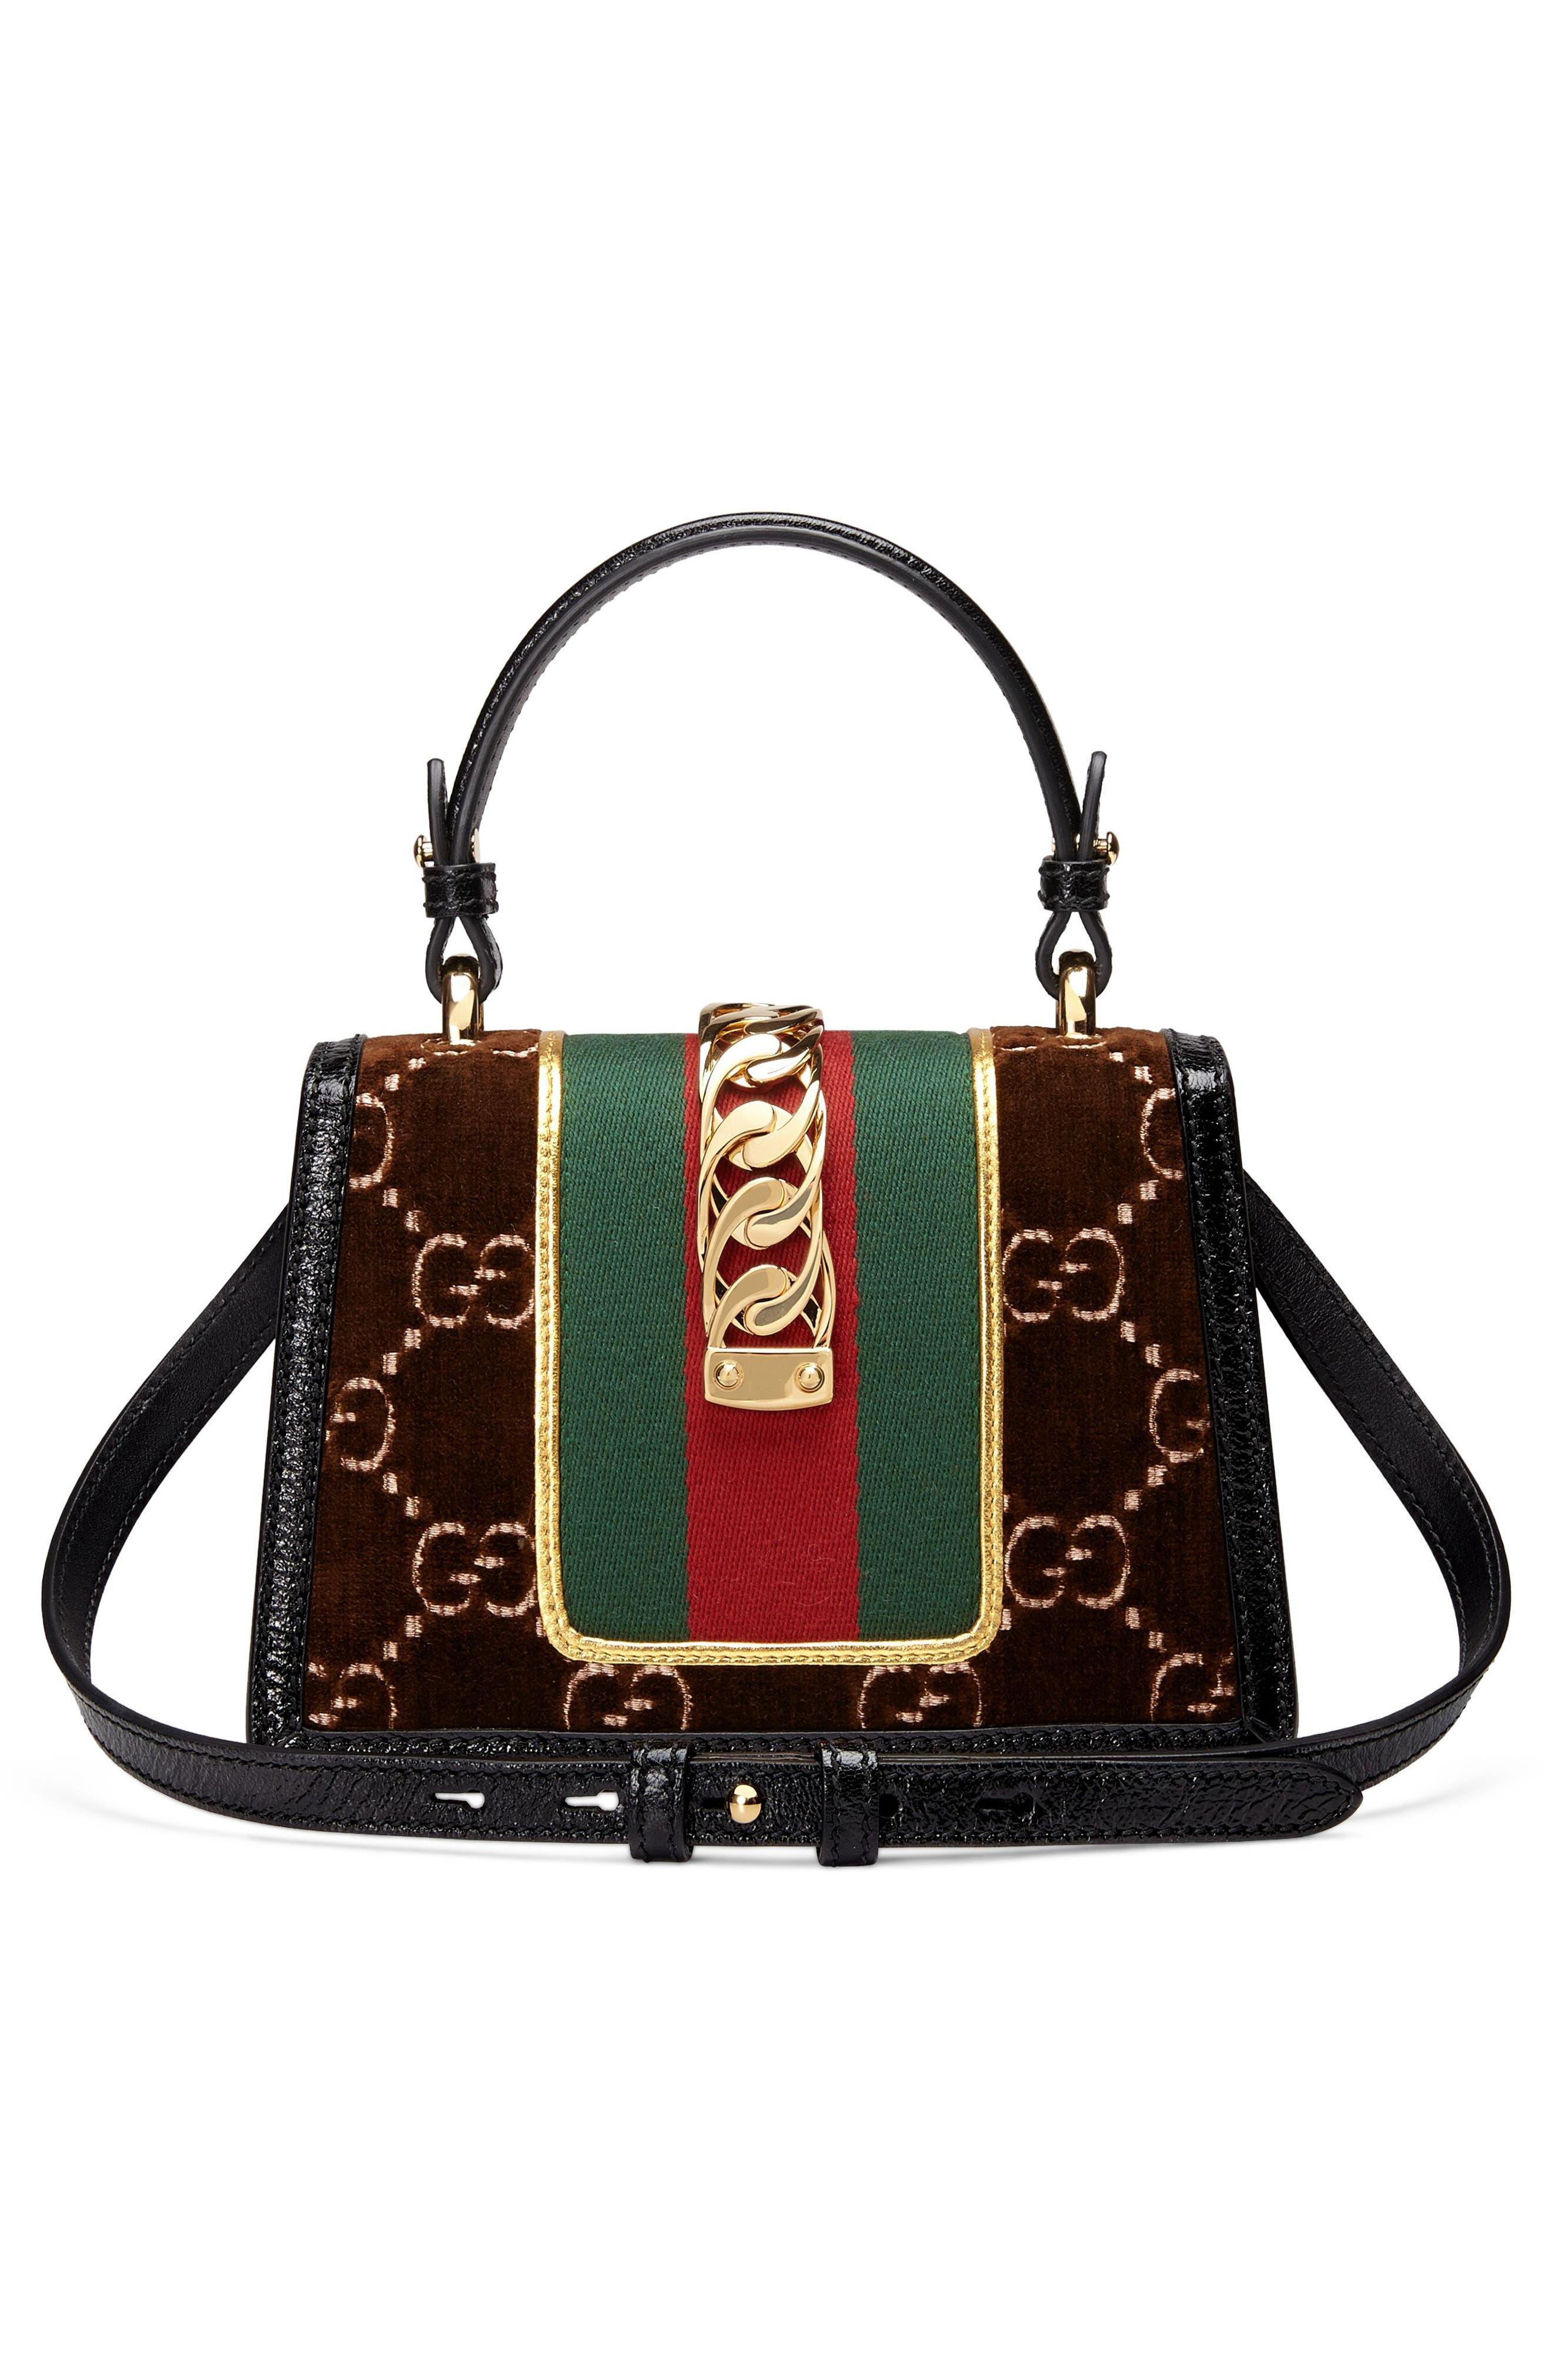 Mini Sylvie Velvet Top Handle Bag,                             Alternate thumbnail 3, color,                             BROWN/ NERO/ VERT RED VERT